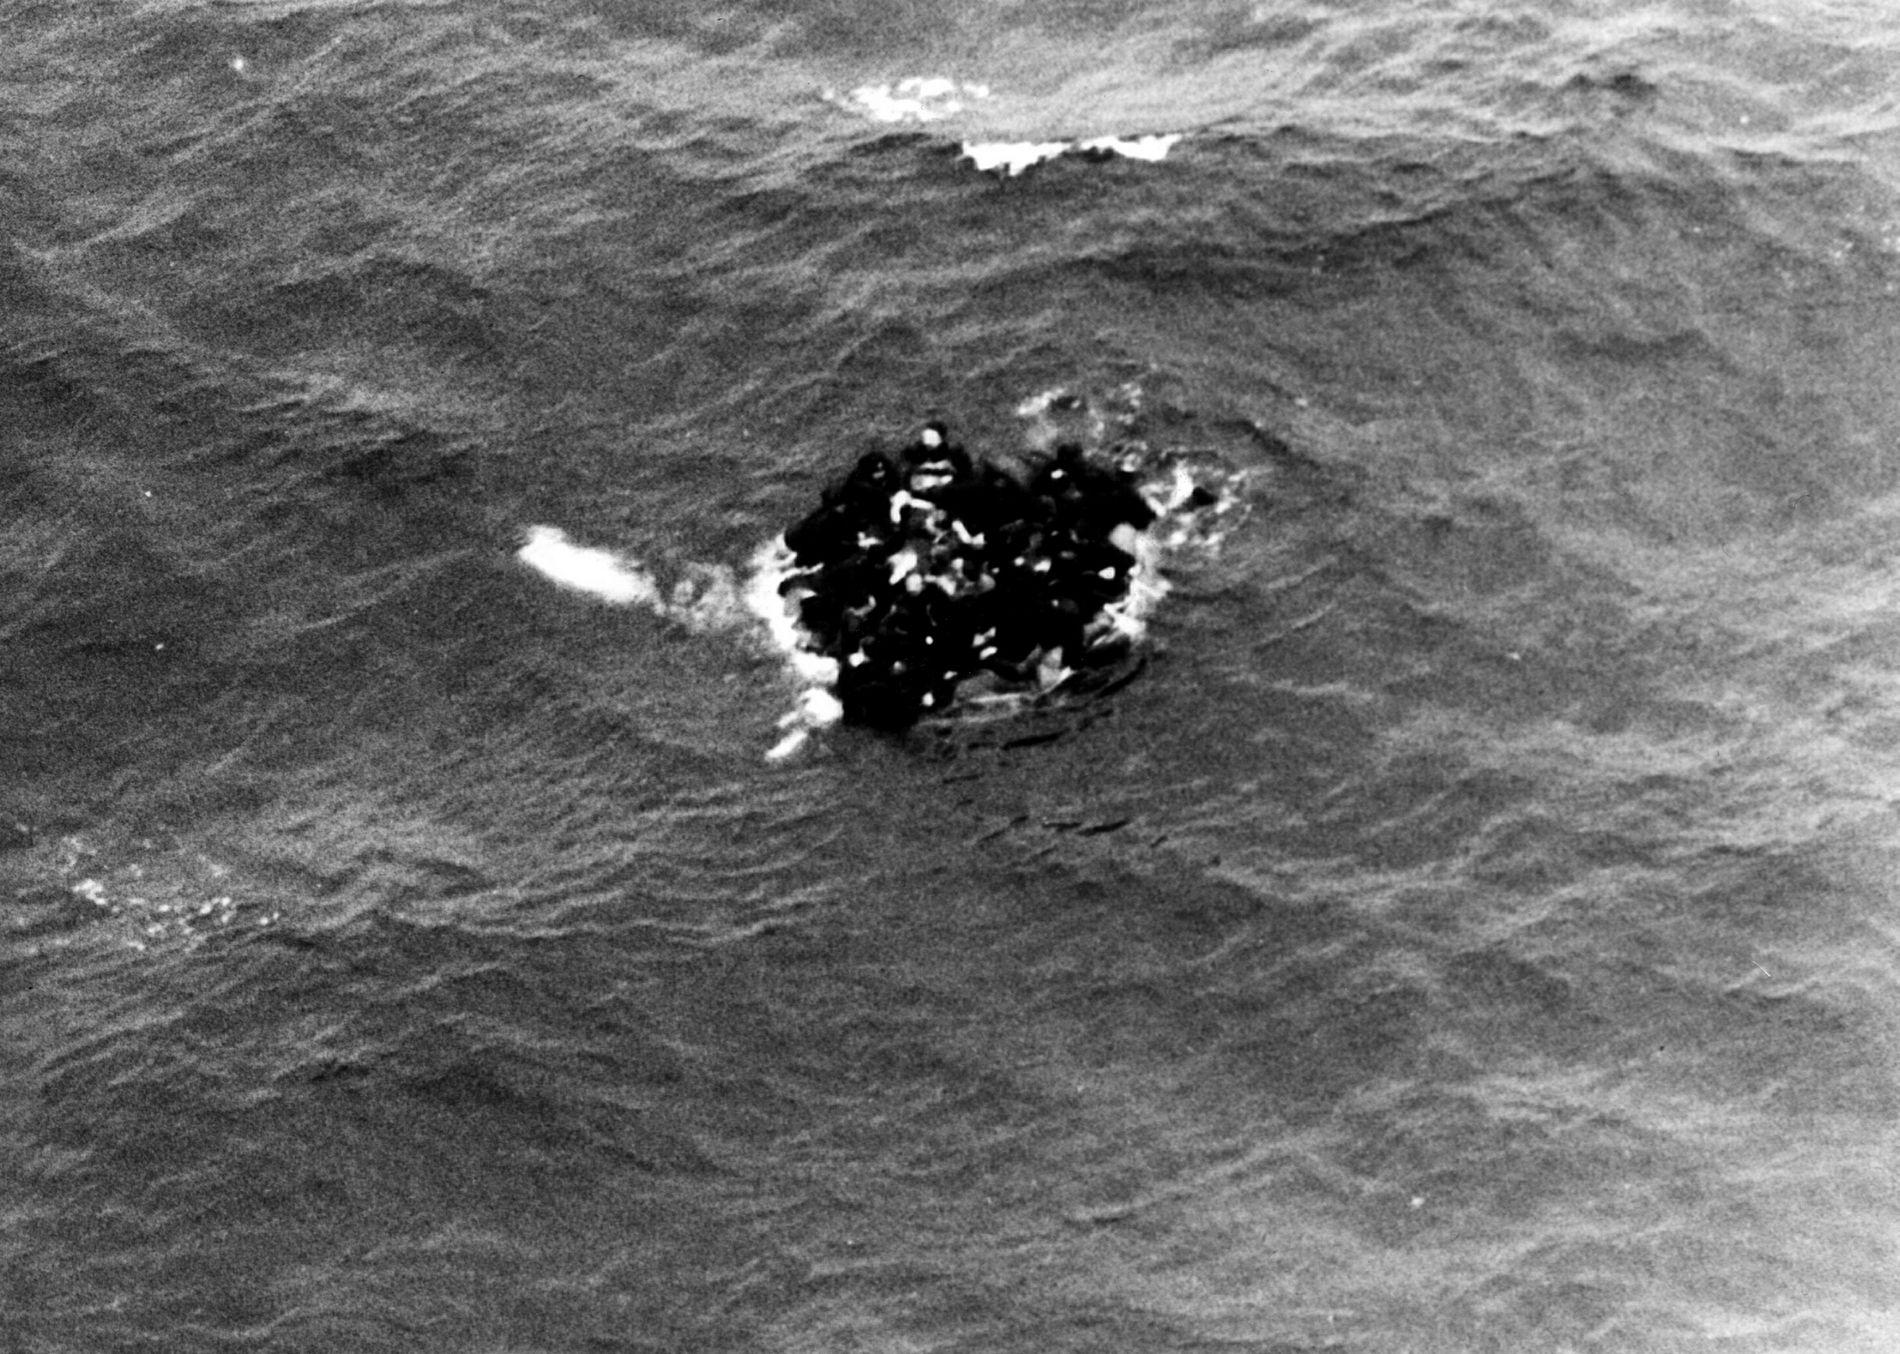 BRANNULYKKE: Ubåten Komsomolets sank sørvest for Bjørnøya 7. april 1989. Her klamrer overlevende mannskap seg til en livbåt.